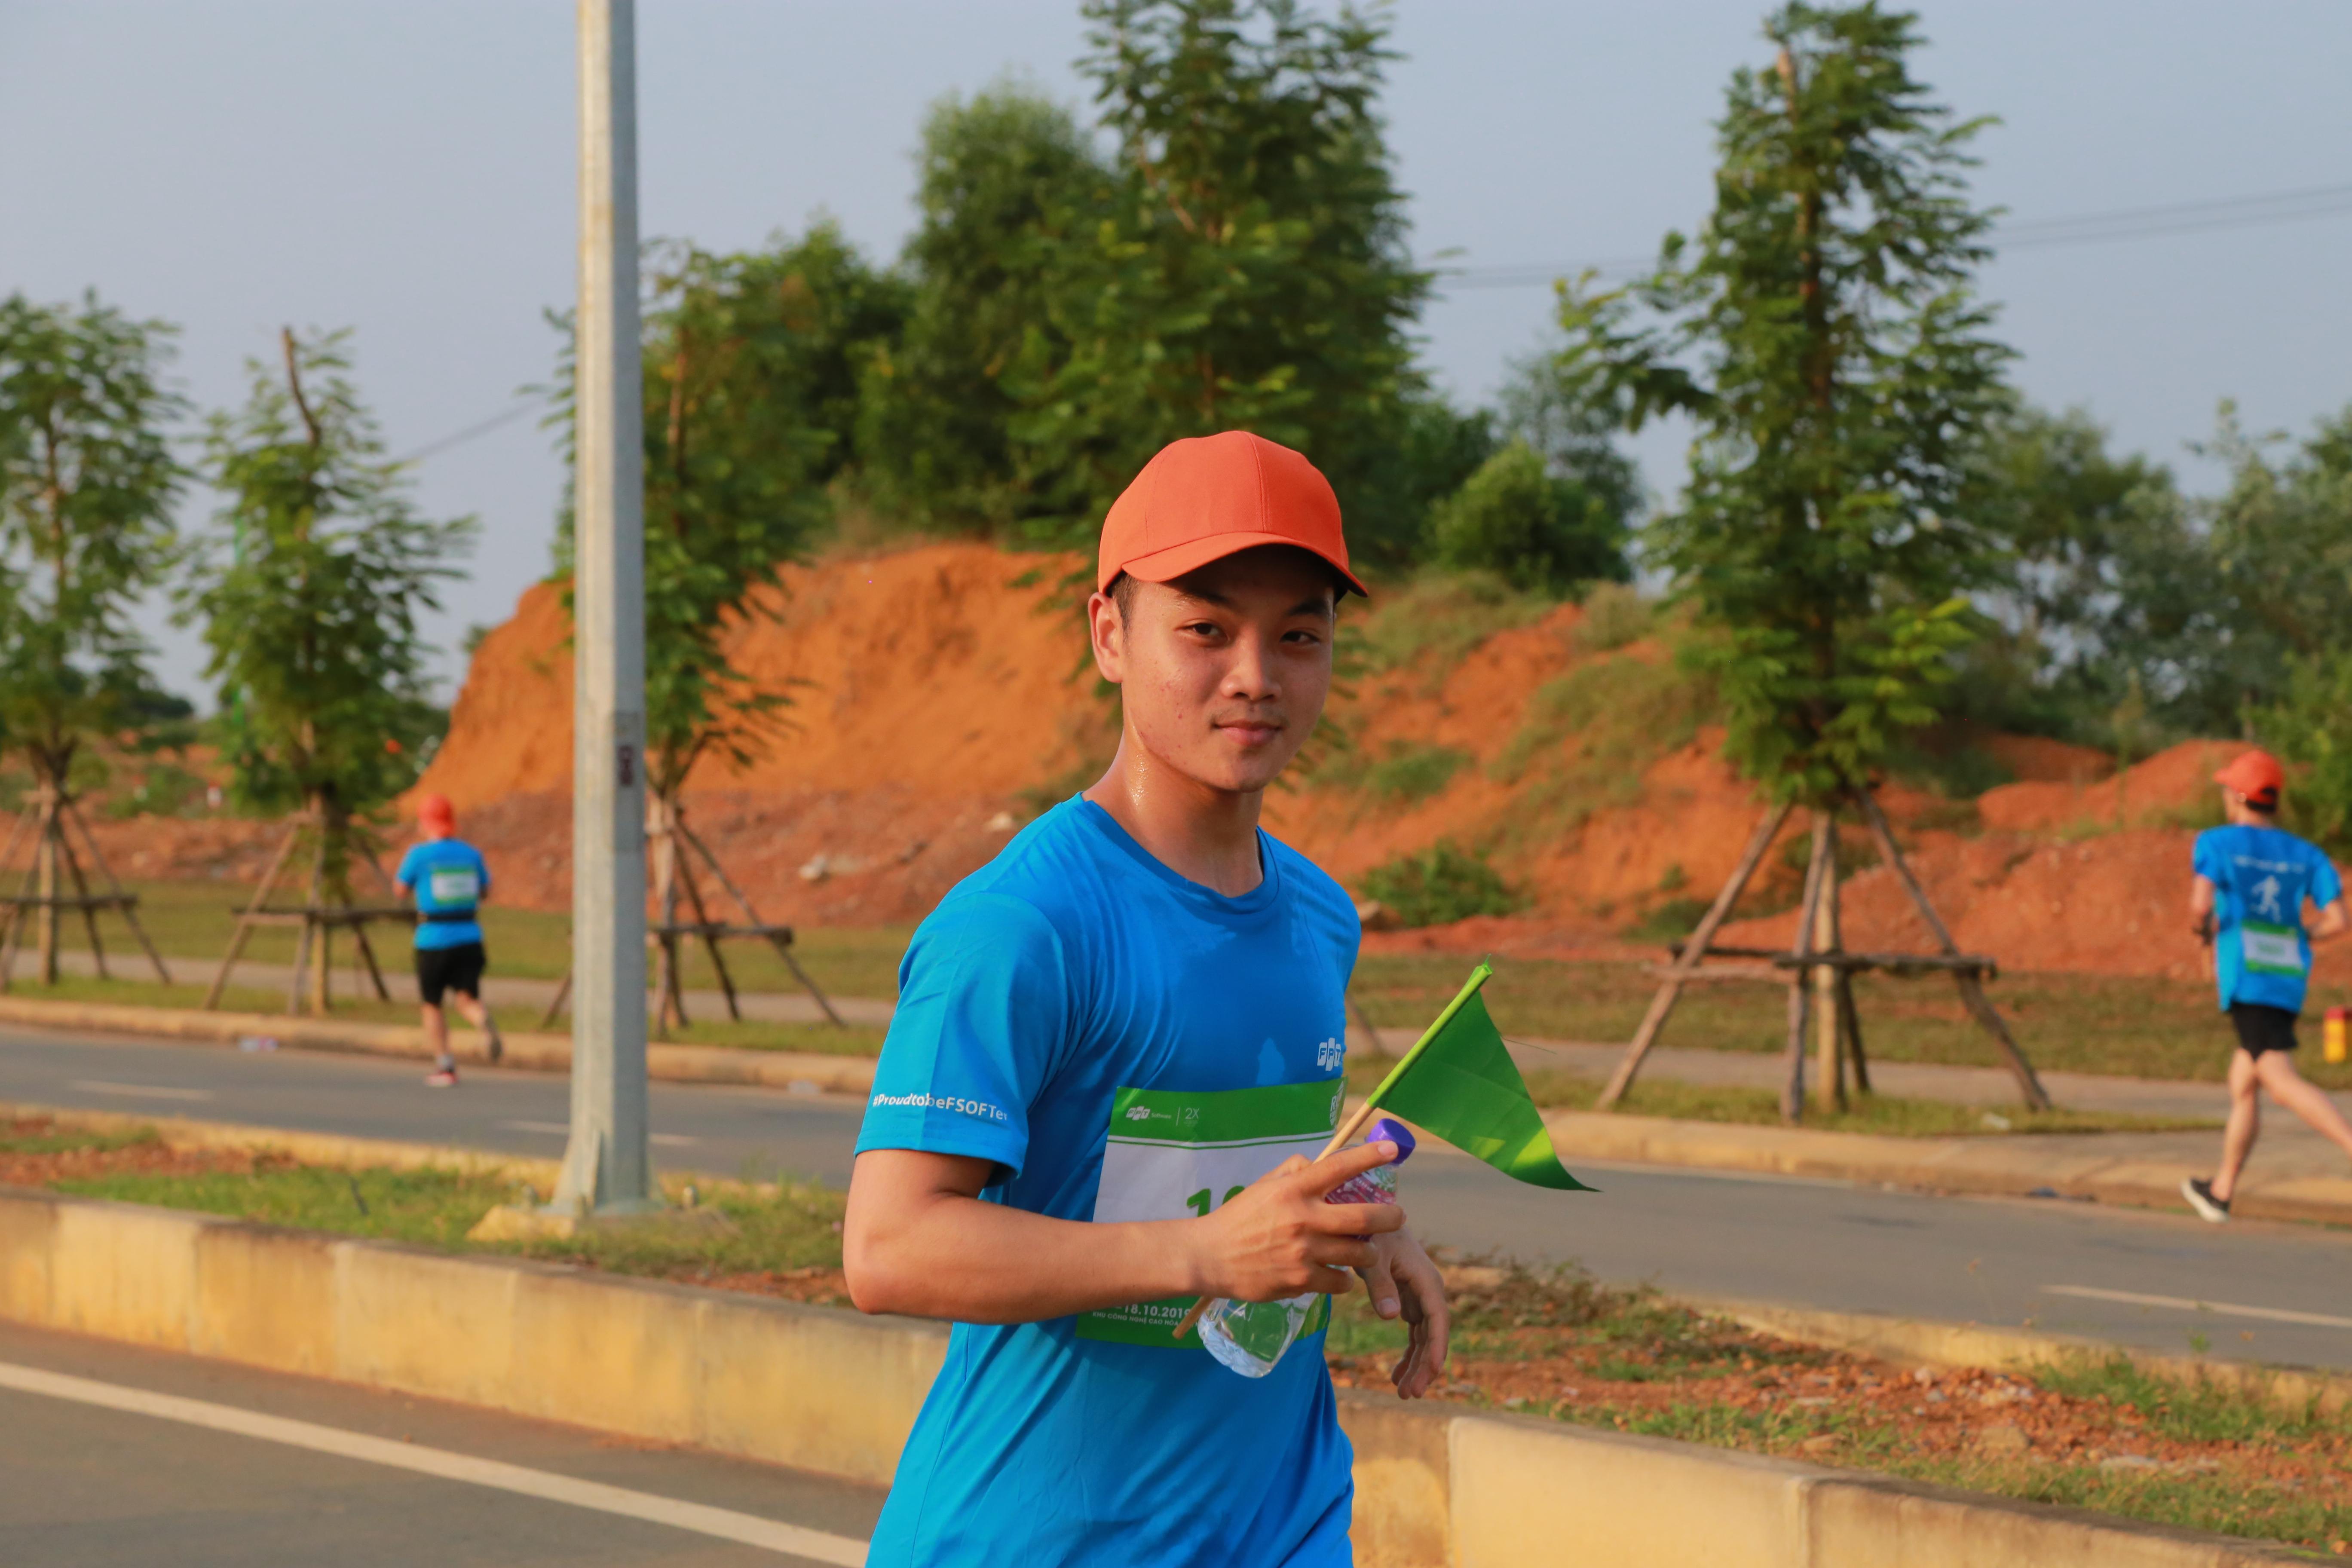 86 vận động viên đăng ký tham gia chạy ở cự ly 20 km, đây là cự ly đường chạy dài đòi hỏi sự kiên trì, bền bỉ của các Runners. Nhóm VĐV này phải chạy 3 vòng hồ, và BTC không dùng chíp tính giờ nên khi hoàn thành mỗi vòng người chạy sẽ được nhận 1 lá cờ.